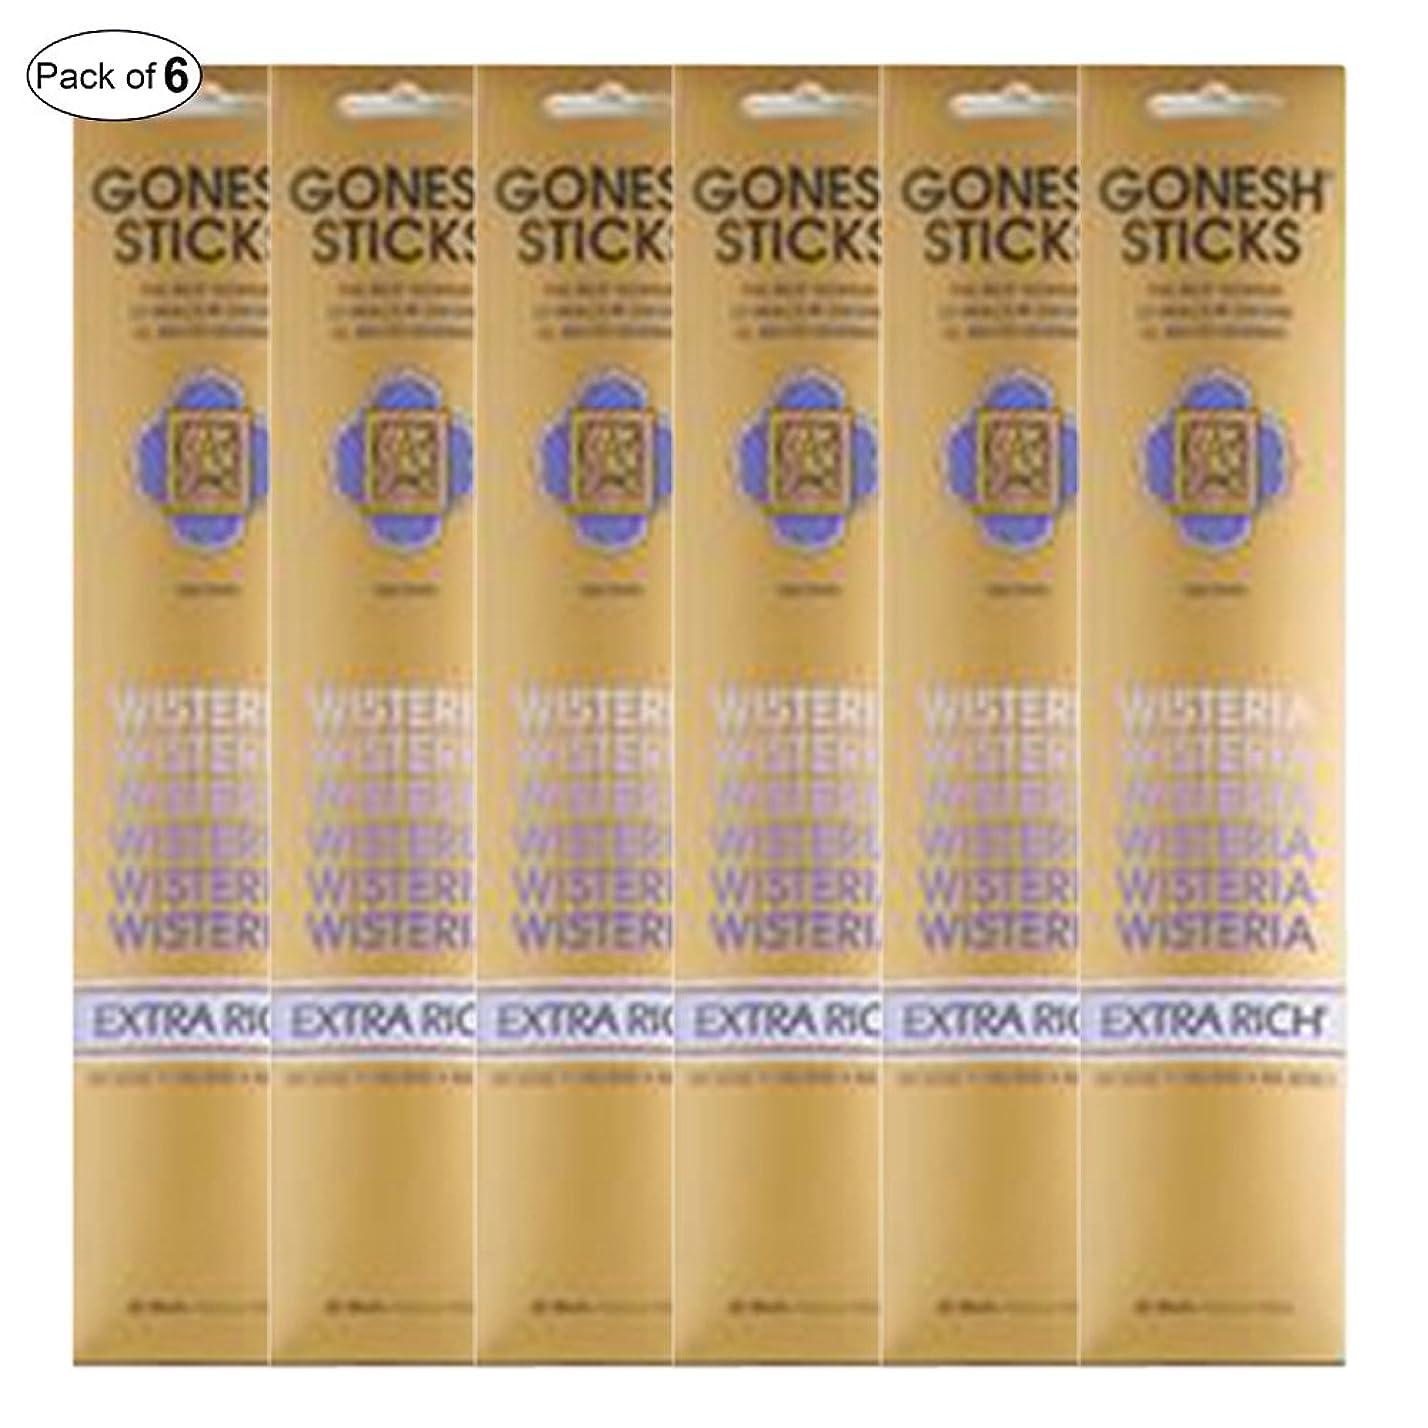 期限薄い組み合わせるGonesh Incense Extra rich- Wisteria ( 20?Sticks in 1パック) (パックof 6?)